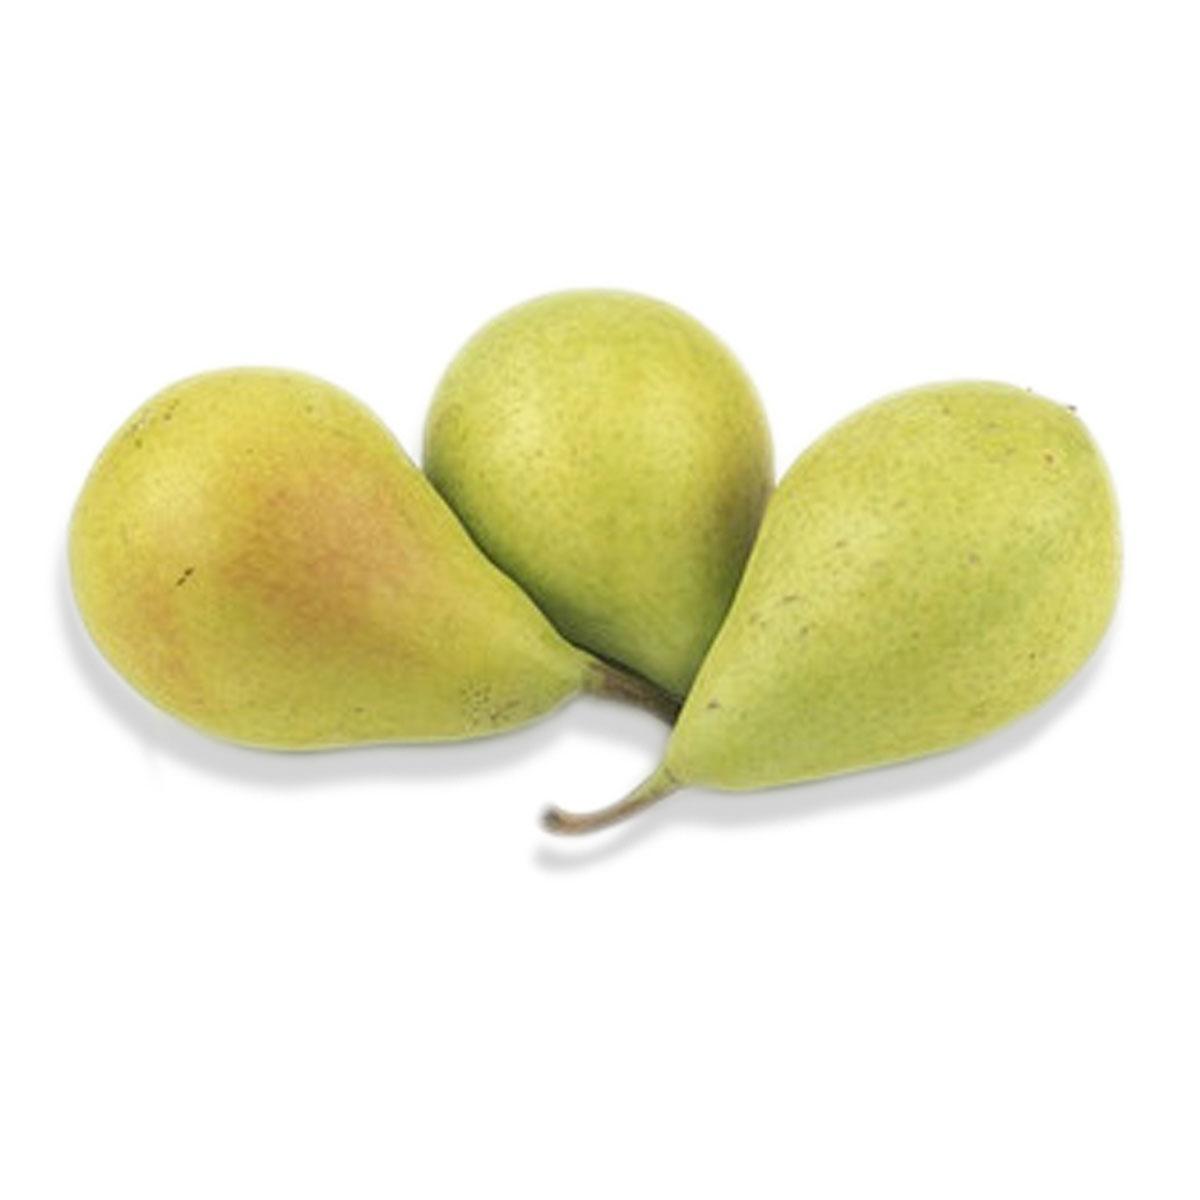 Pear Coscia